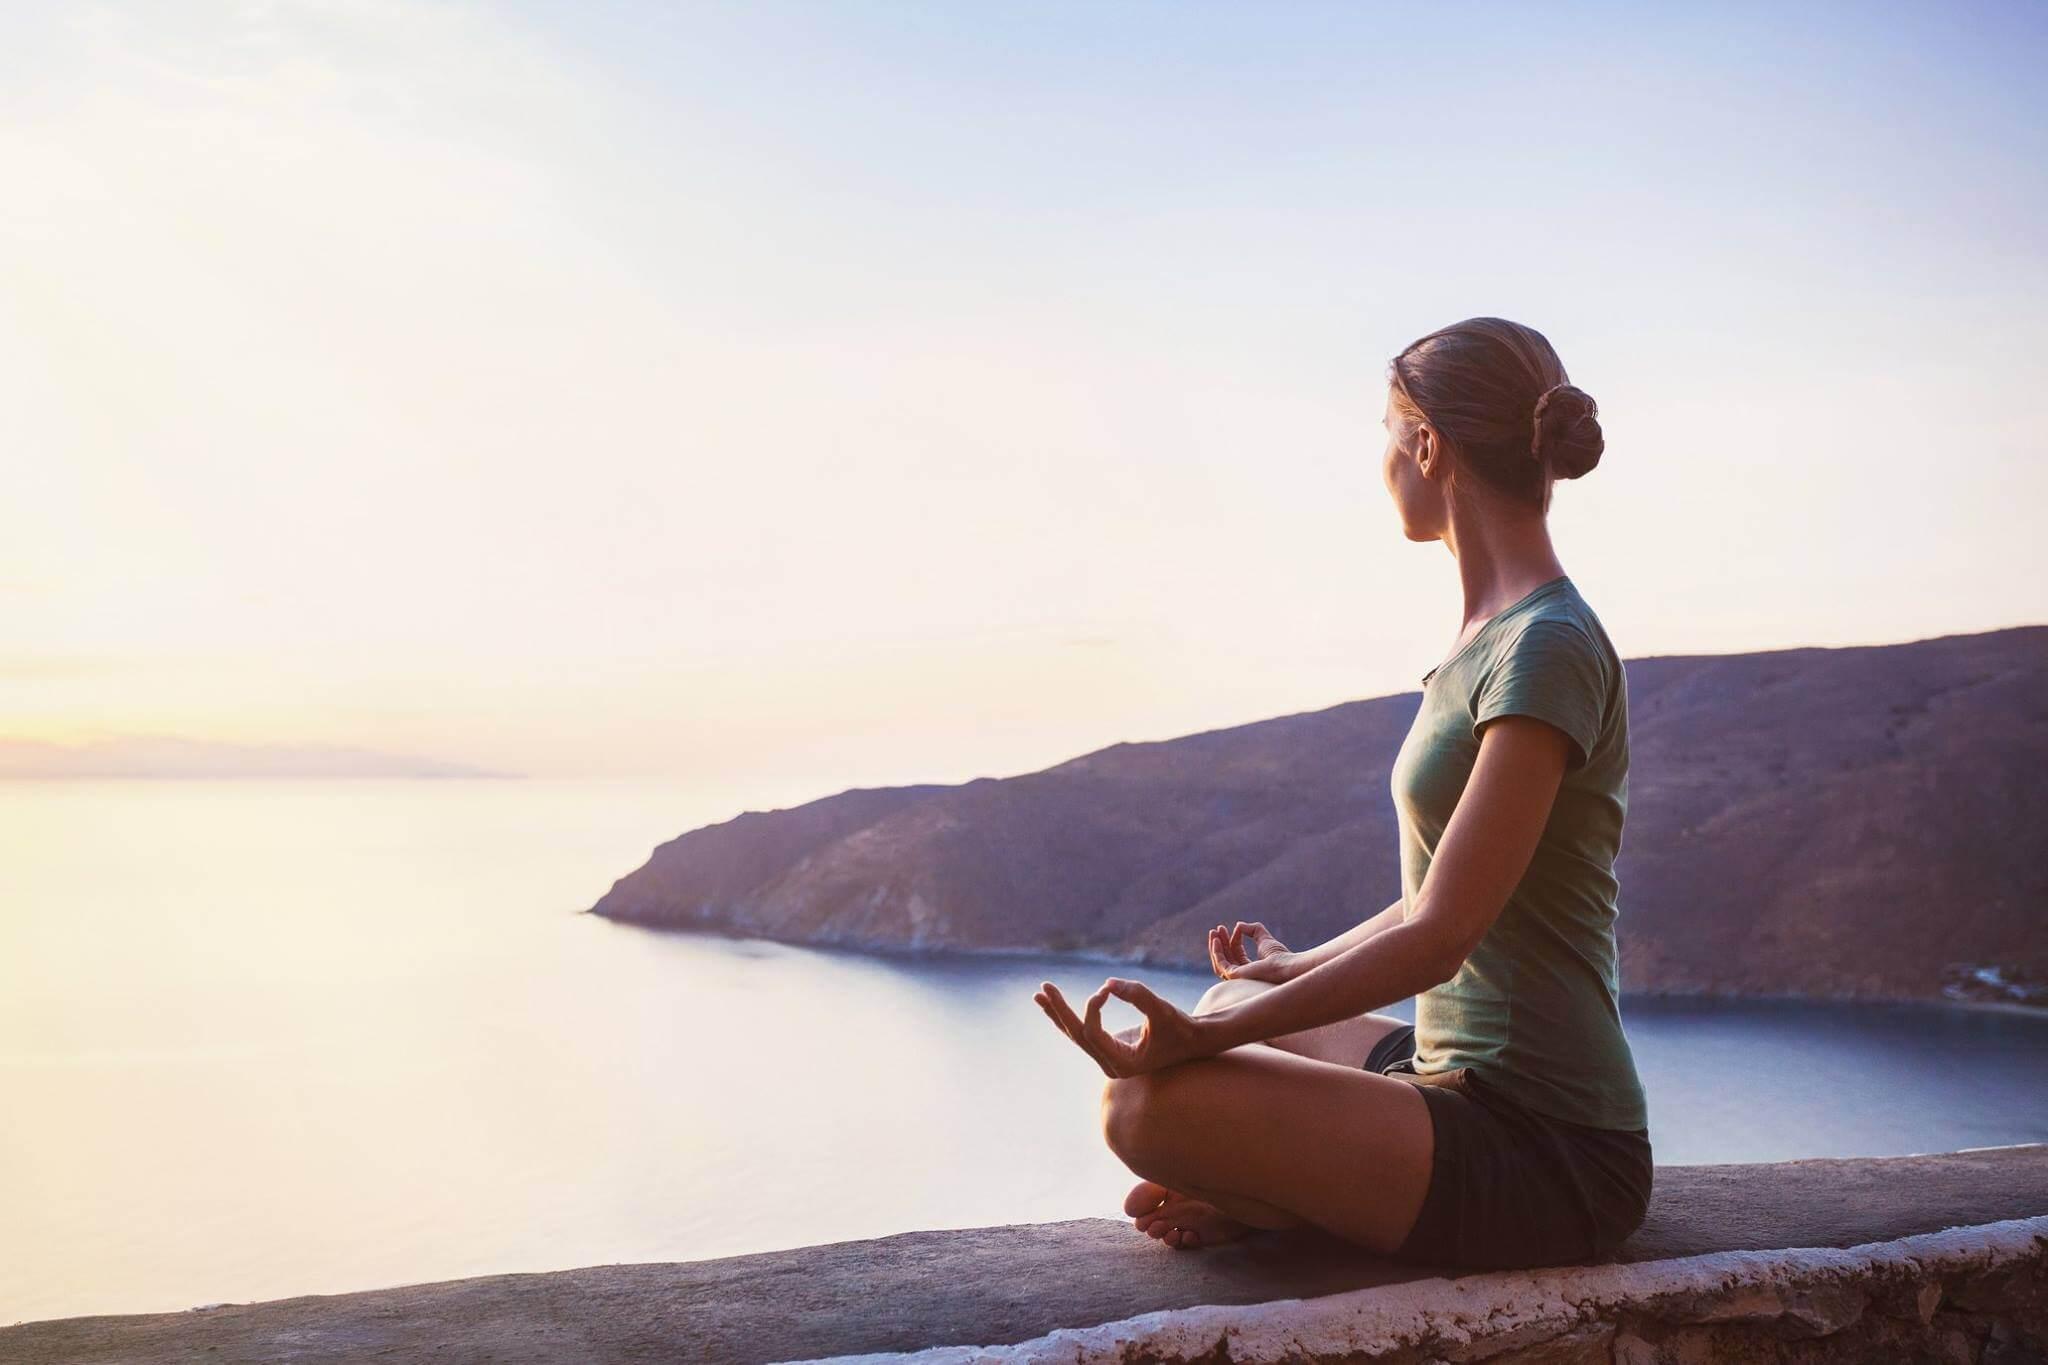 Tập thêm yoga, ngồi thiền để cơ thể thư giãn